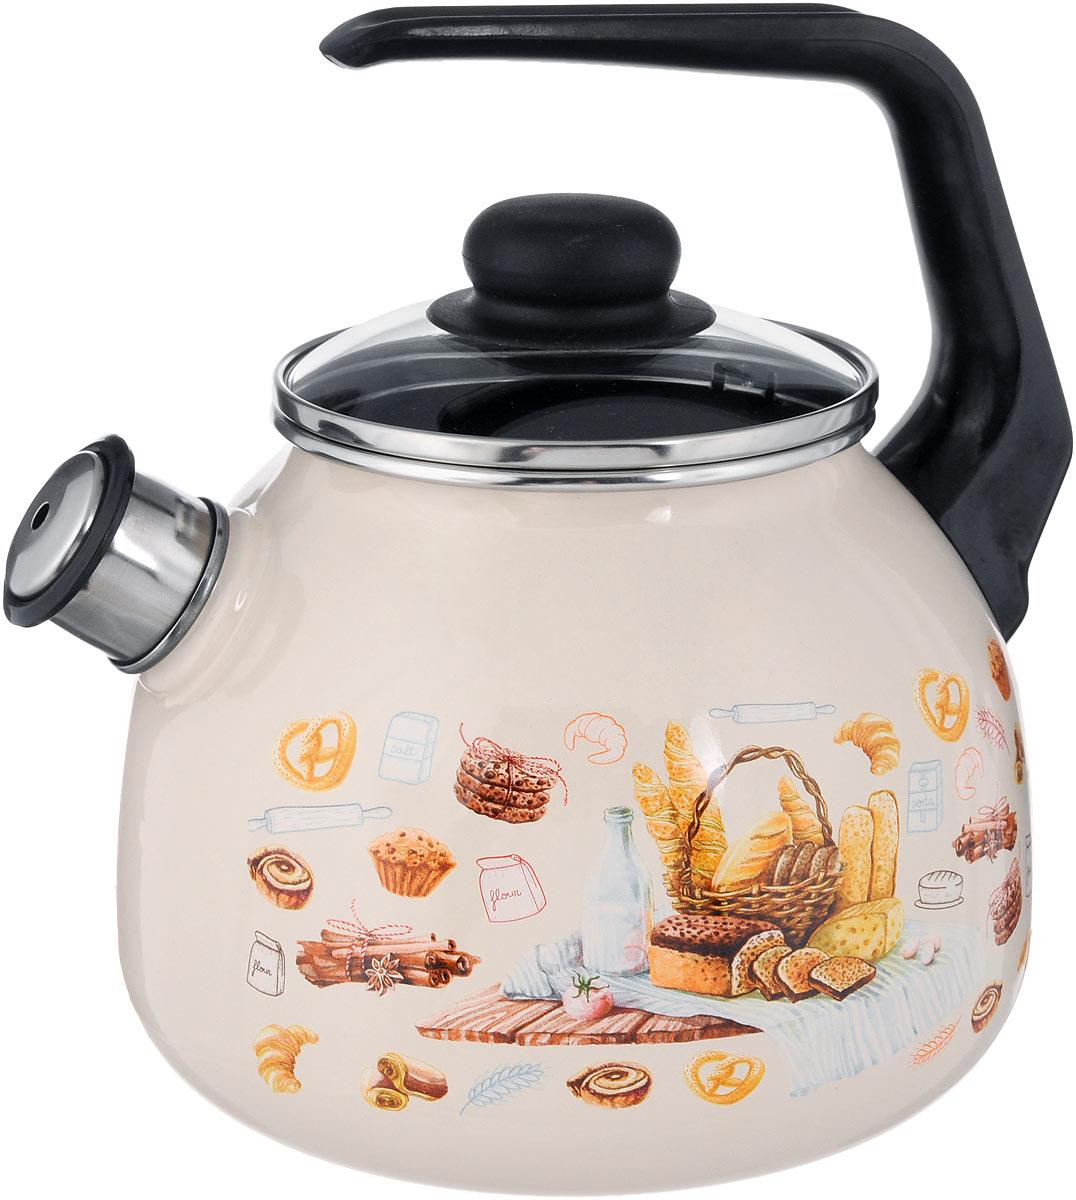 Чайник эмалированный СтальЭмаль Хлеб, со свистком, 3 лFS-91909Чайник СтальЭмаль Хлеб выполнен из высококачественного стального проката, покрытого двумя слоями жаропрочной эмали. Такое покрытие защищает сталь от коррозии, придает посуде гладкую стекловидную поверхность и надежно защищает от кислот и щелочей. Носик чайника оснащен свистком, звуковой сигнал которого подскажет, когда закипит вода. Чайник оснащен фиксированной ручкой из пластика и стеклянной крышкой, которая плотно прилегает к краю благодаря особой конструкции. Внешние стенки декорированы красочным изображением различных хлебобулочных изделий. Эстетичный и функциональный чайник будет оригинально смотреться в любом интерьере. Подходит для всех типов плит, включая индукционные. Можно мыть в посудомоечной машине. Диаметр (по верхнему краю): 12,5 см.Высота чайника (с учетом ручки): 24 см.Высота чайника (без учета ручки и крышки): 15 см.